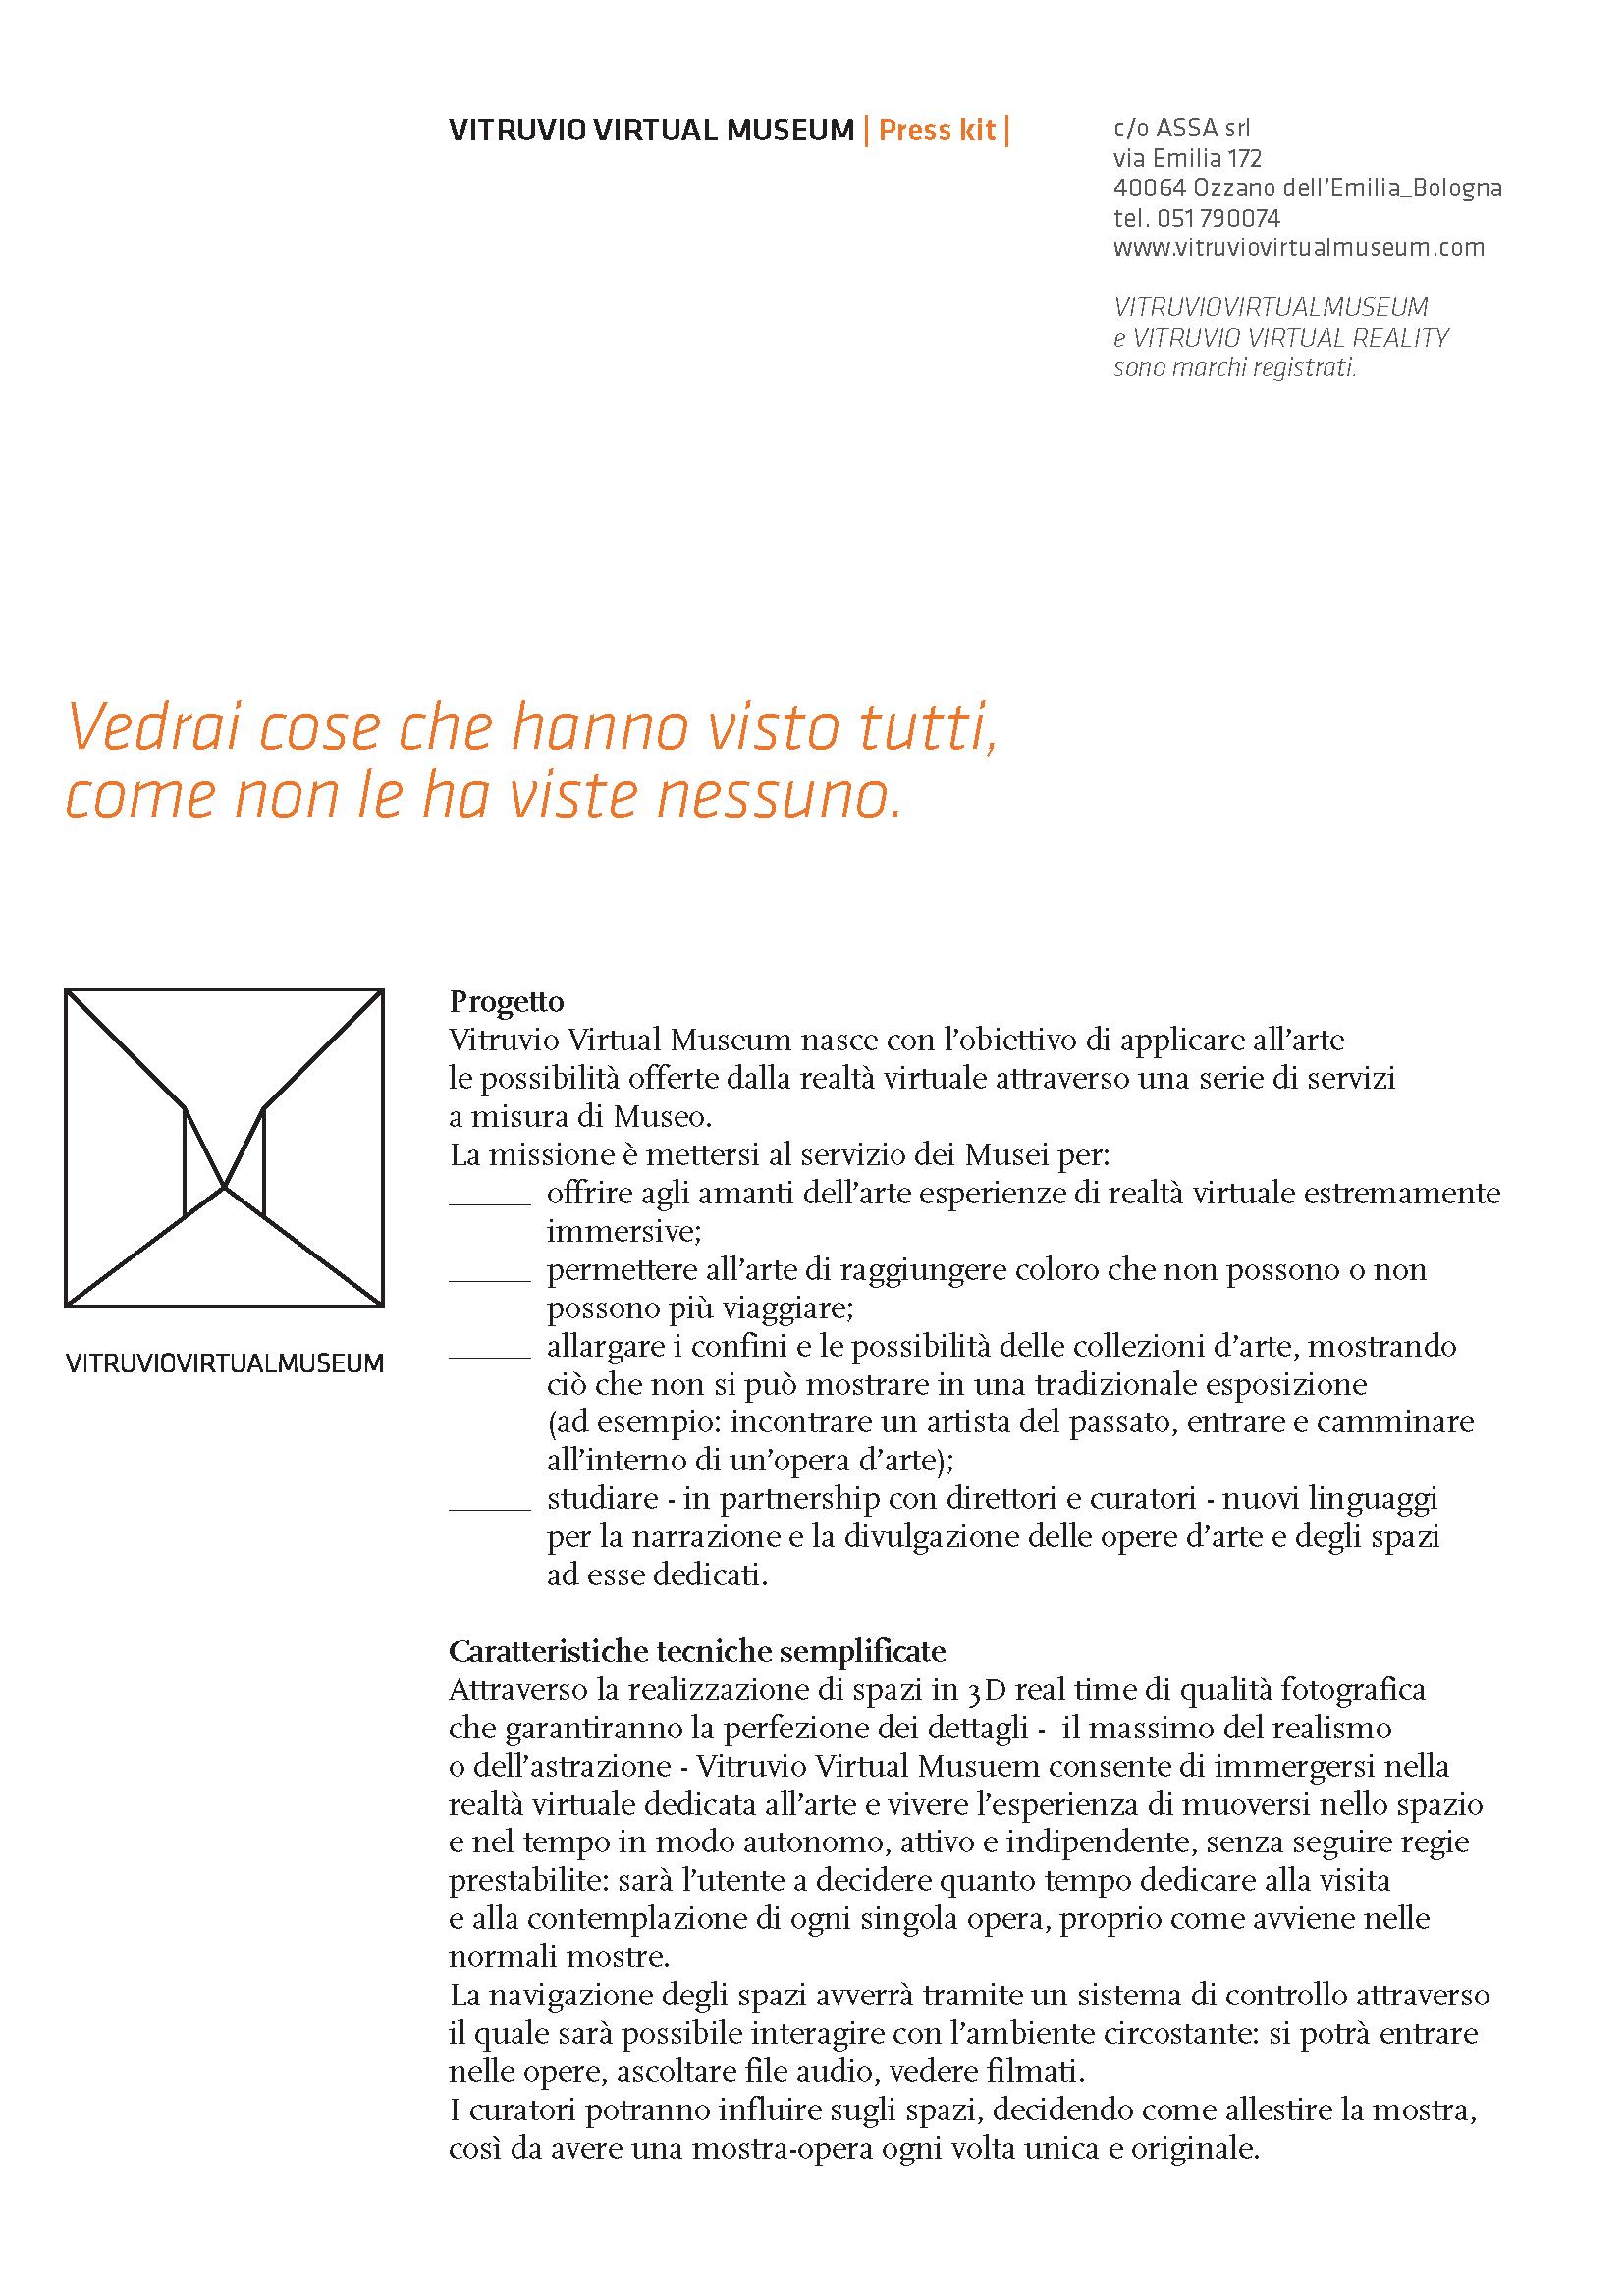 Press Kit Vitruvio Virtual Museum